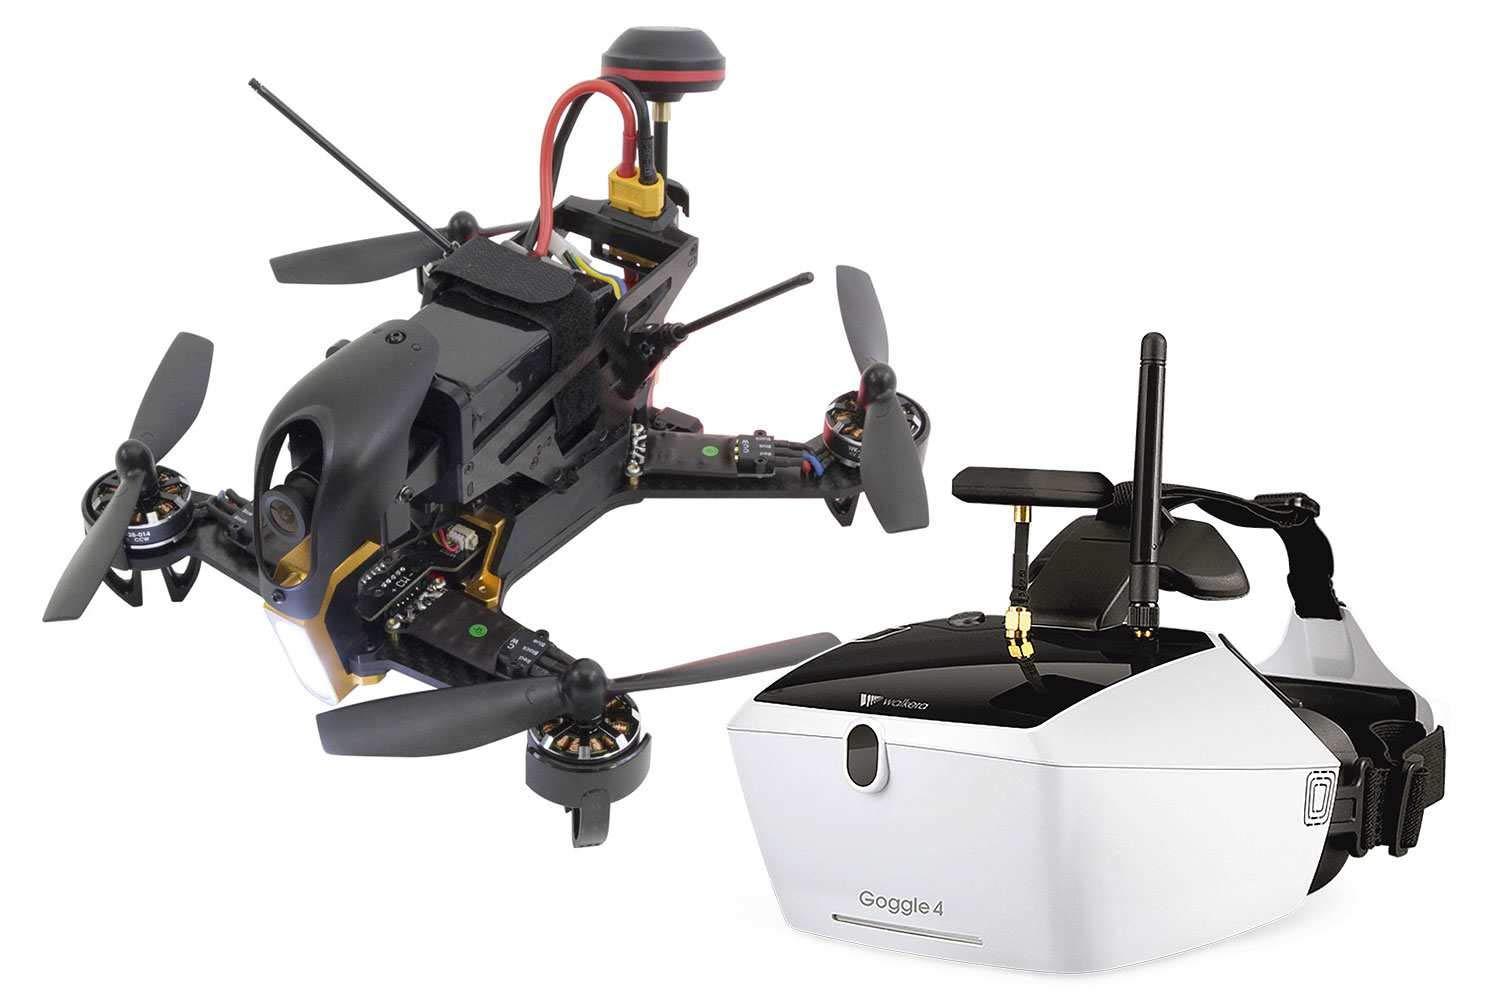 Venta barata Xciterc xciterc FPV Racing de cuadricóptero F210 RTF – – – FPV de dron con Sony Cámara HD, OSD, gafas de vídeo, V4, batería, cargador y DEVO 7  compras online de deportes